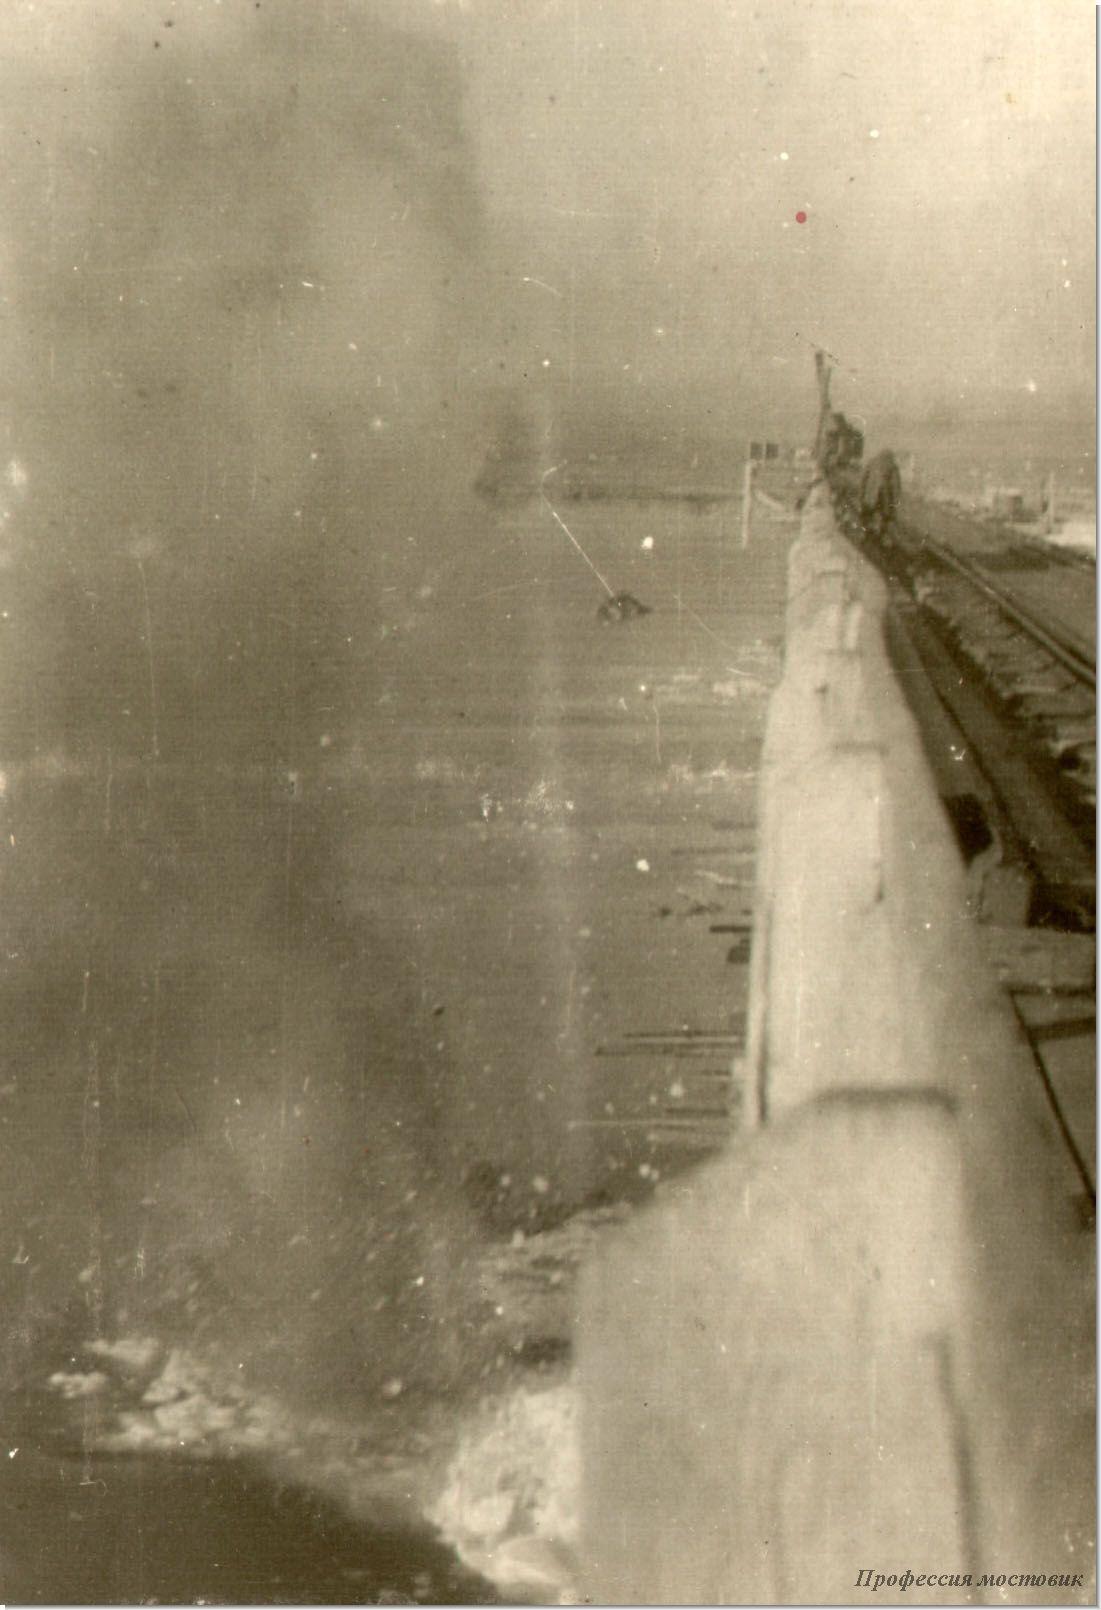 обмерзшая льдом северная сторона моста<br />